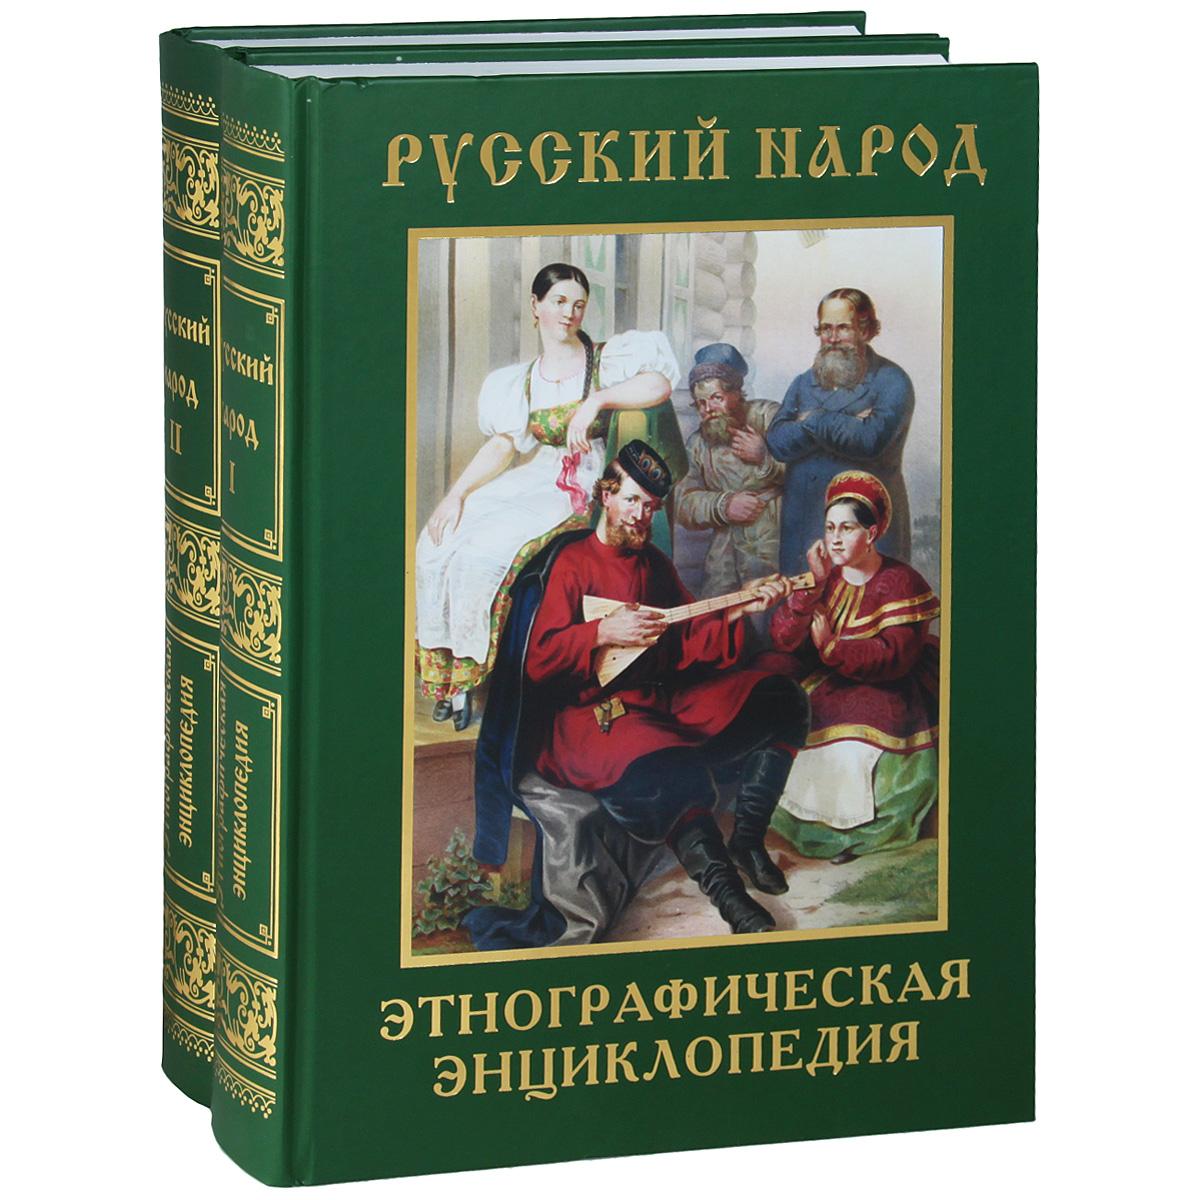 Русский народ. Этнографическая энциклопедия. В 2 томах (комплект из 2 книг)